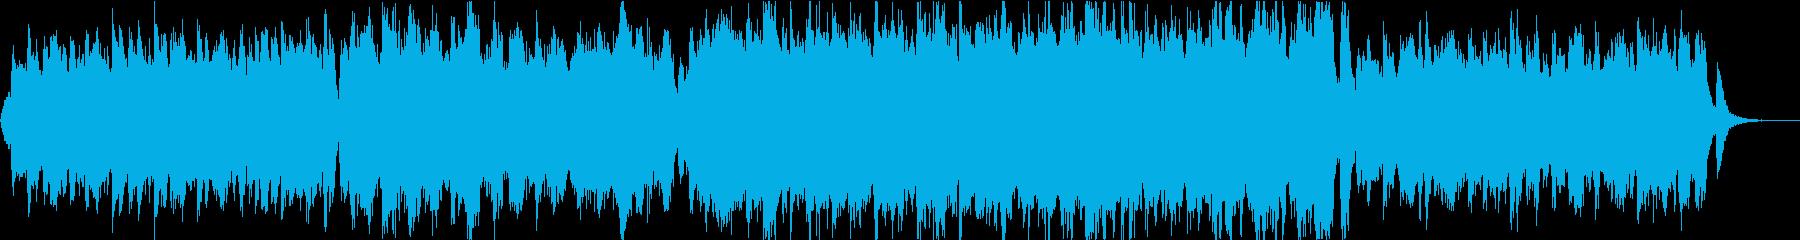 知られざる挑戦者を讃える行進曲風テーマ曲の再生済みの波形